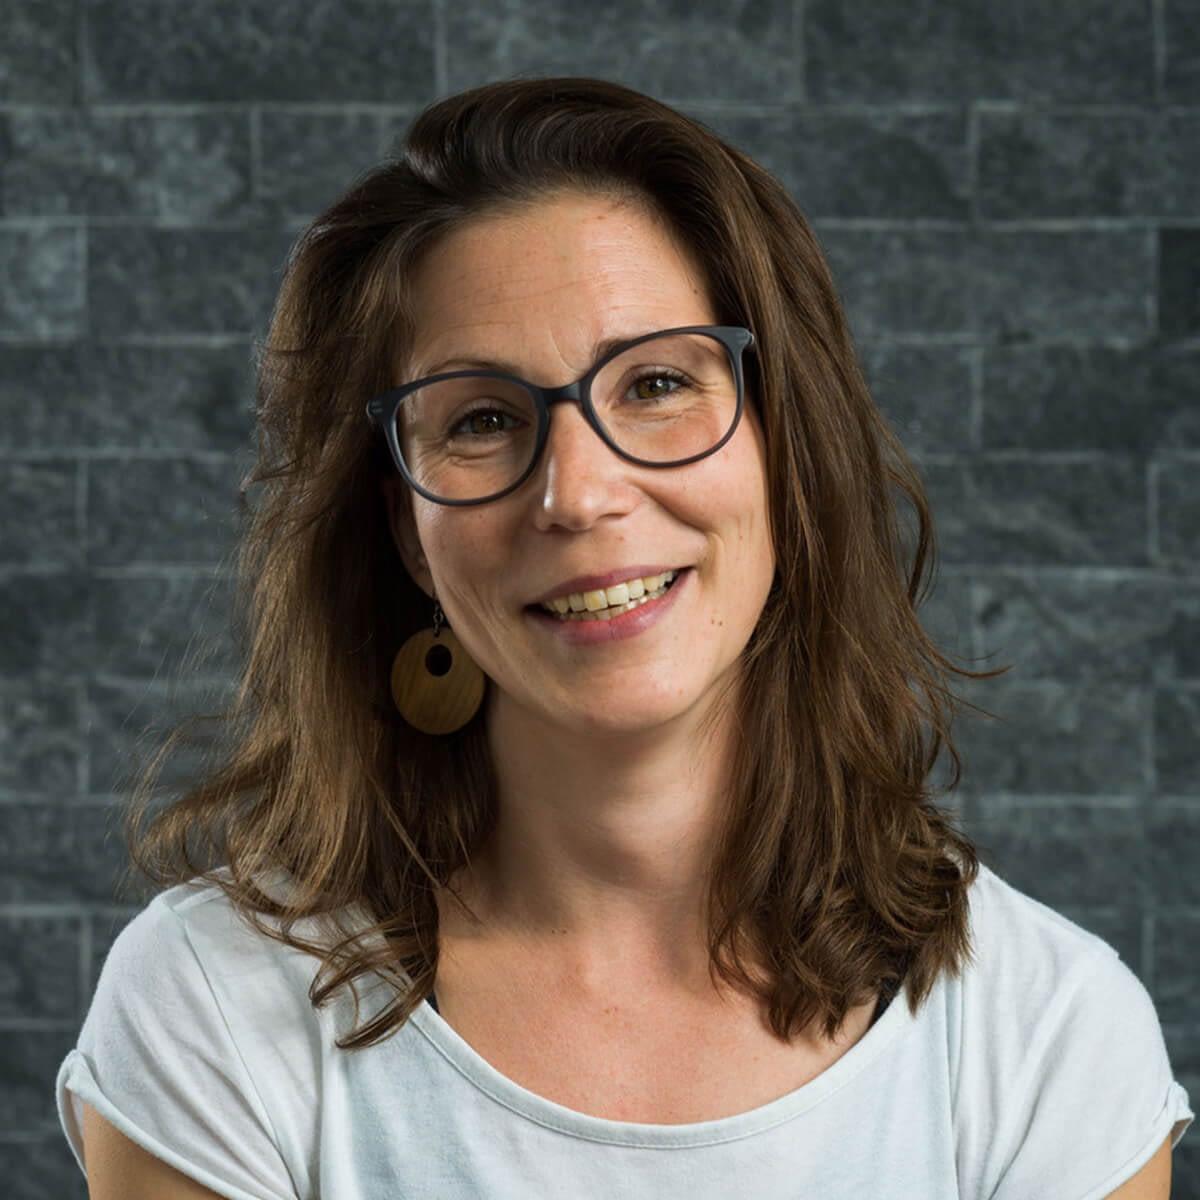 Helena Ahorn